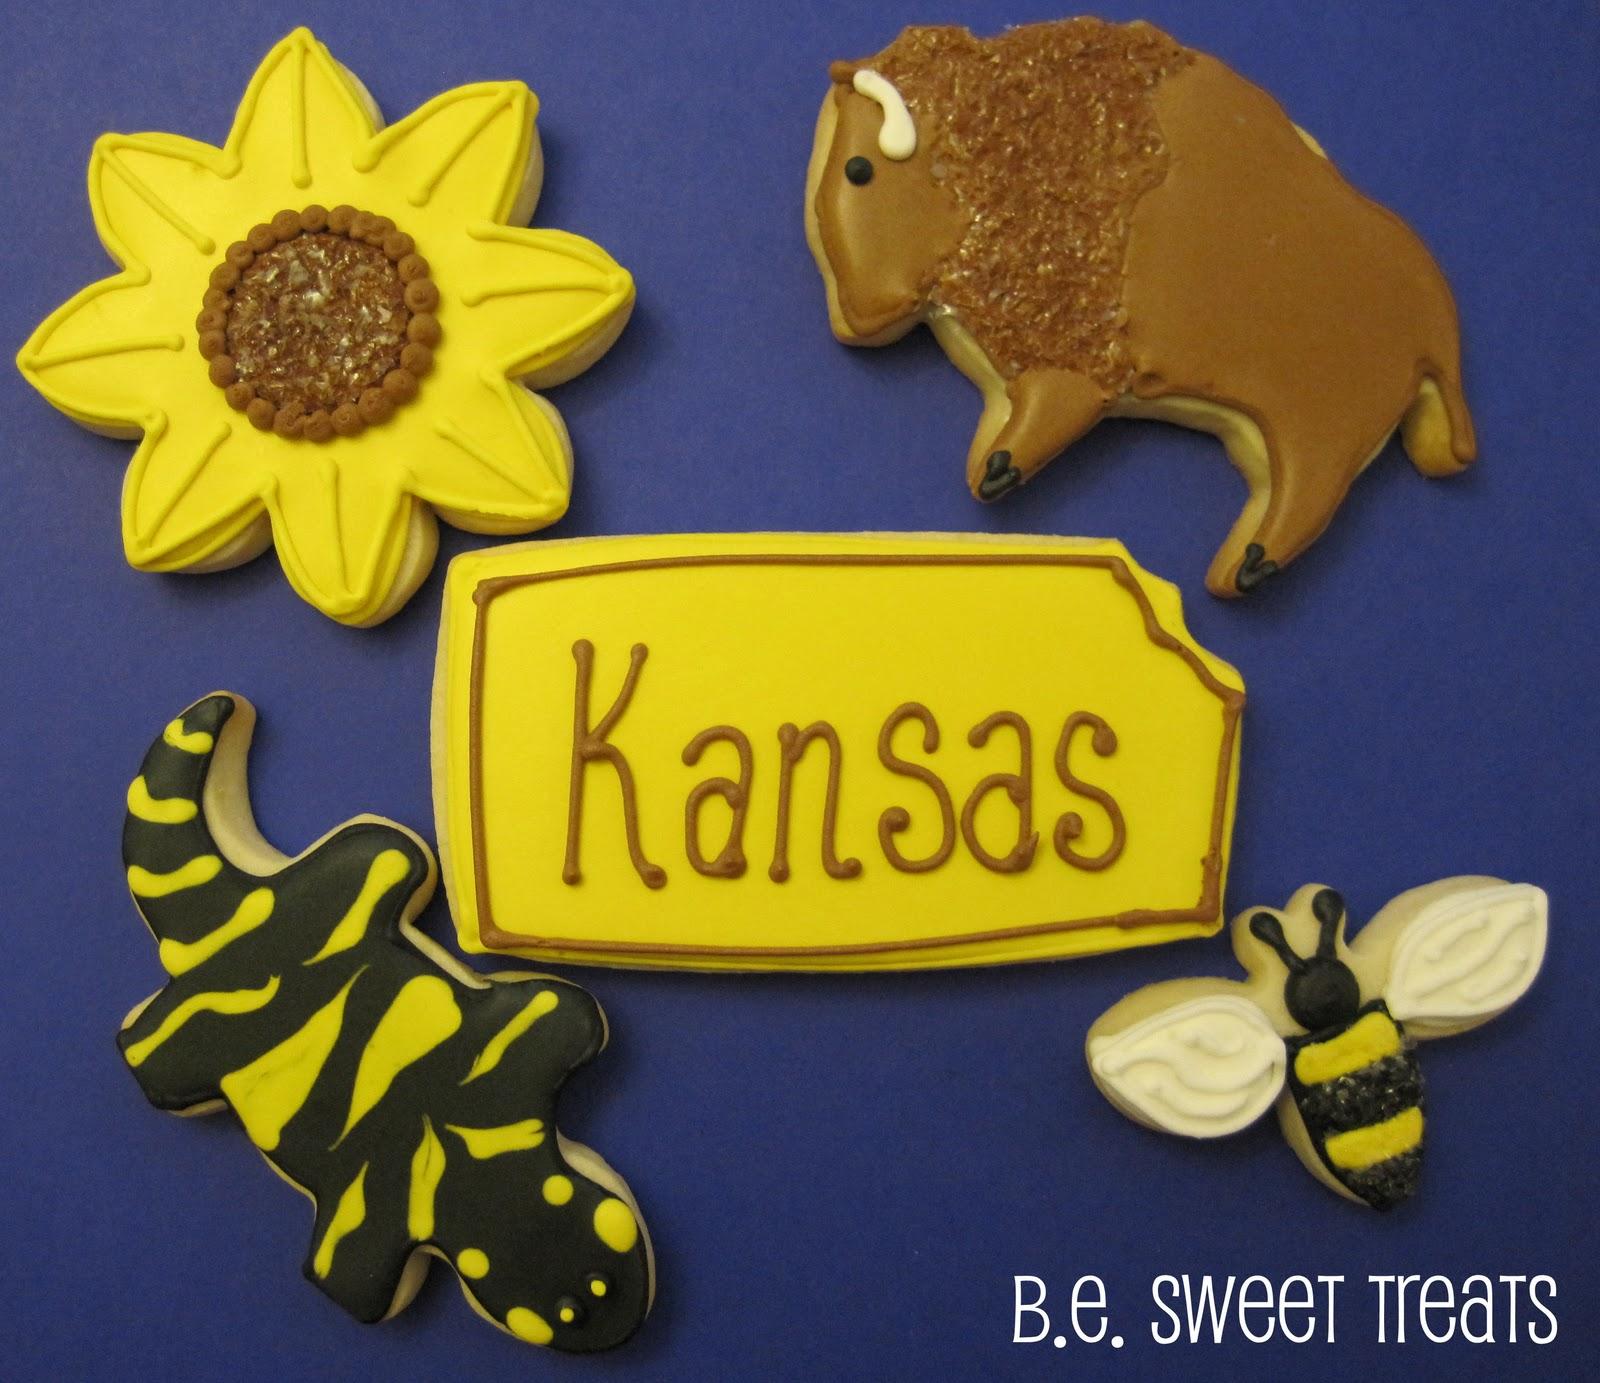 Be Sweet Treats Kansas Day 2011